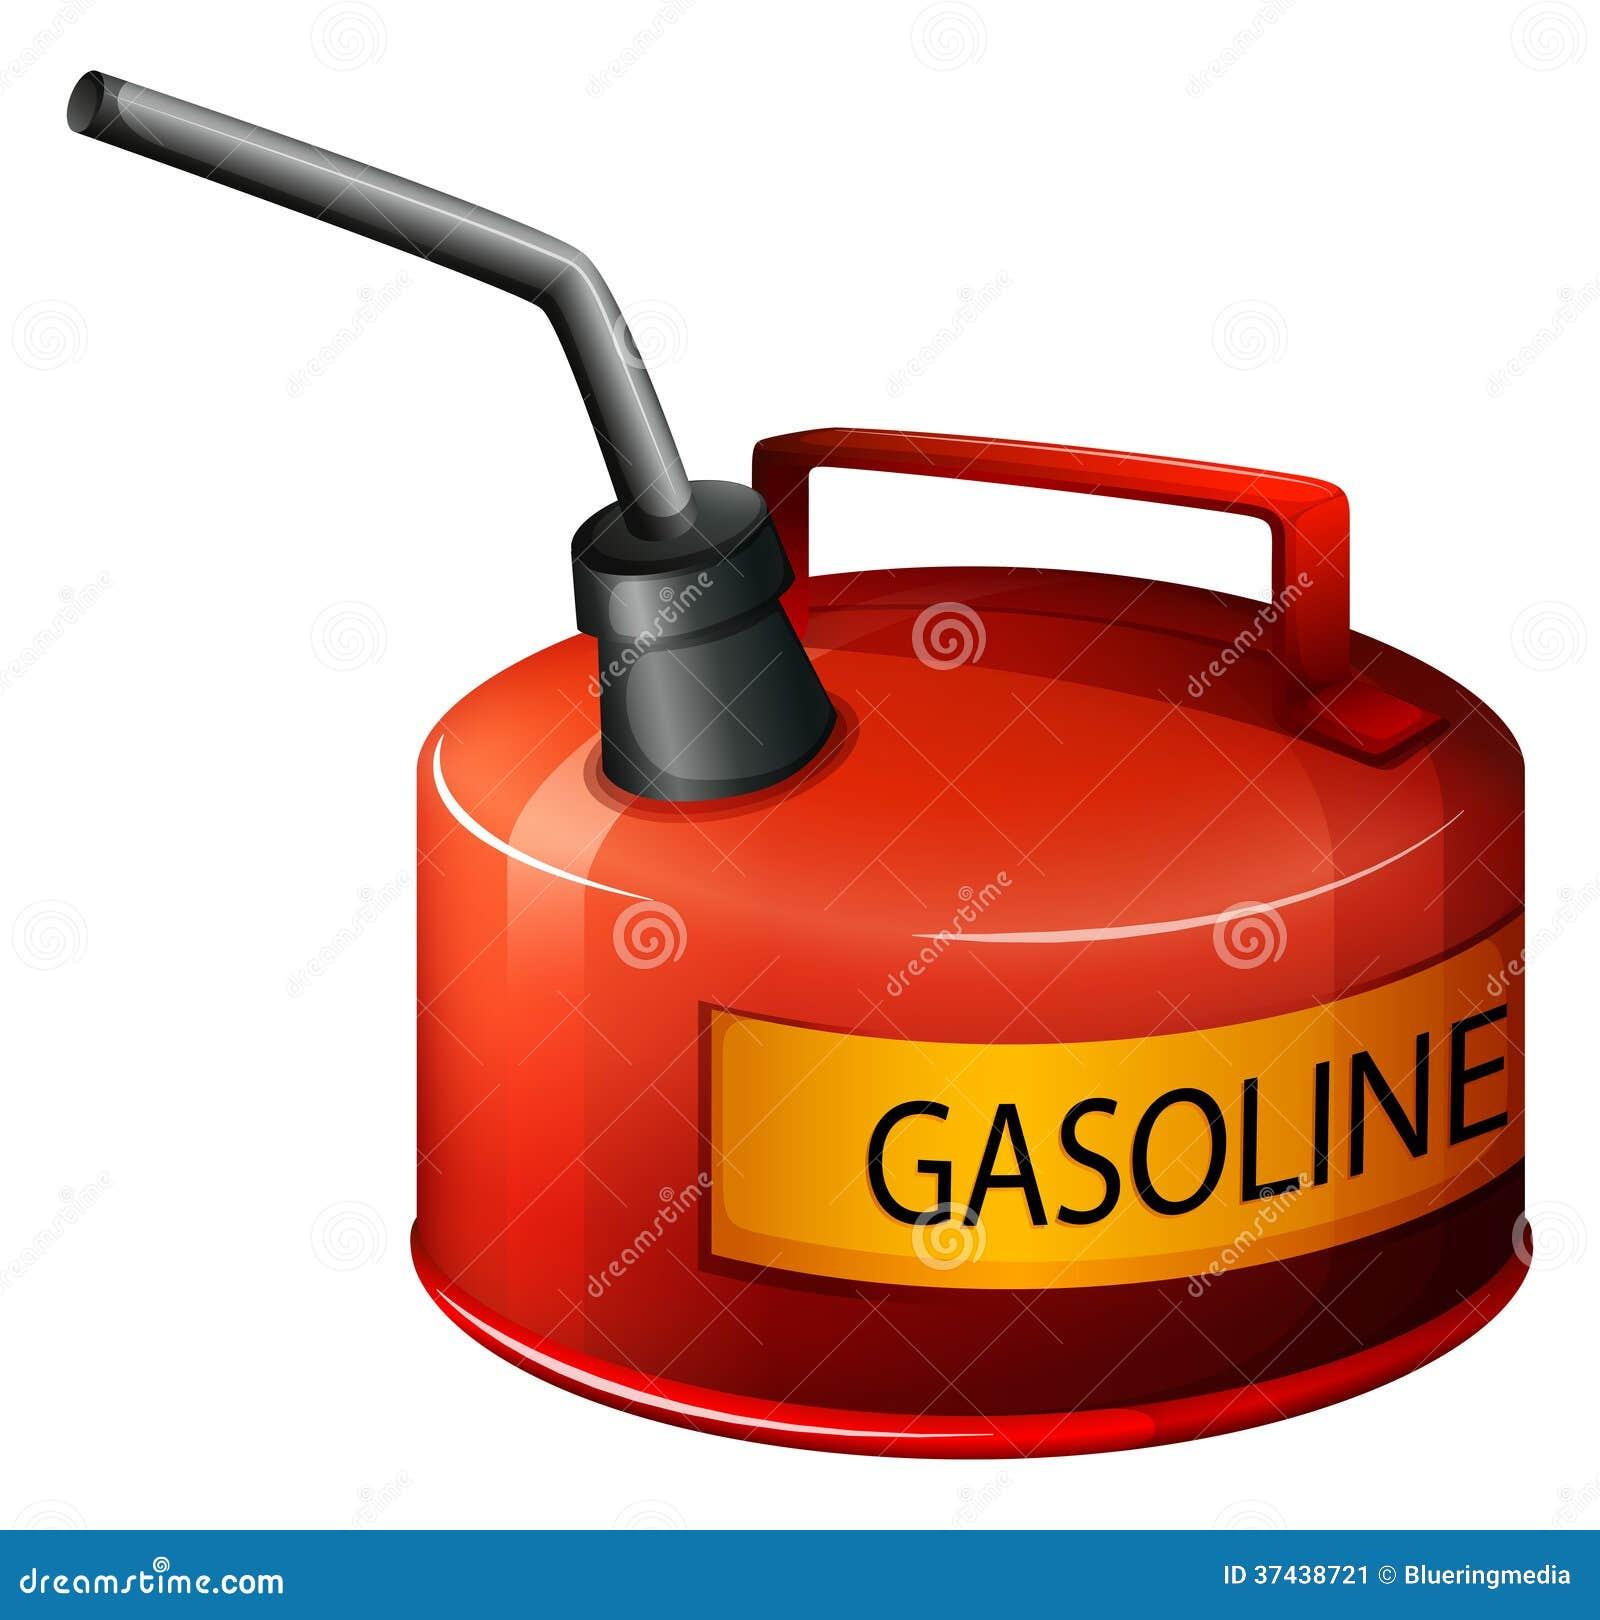 Al prior 2 que la gasolina inundar en